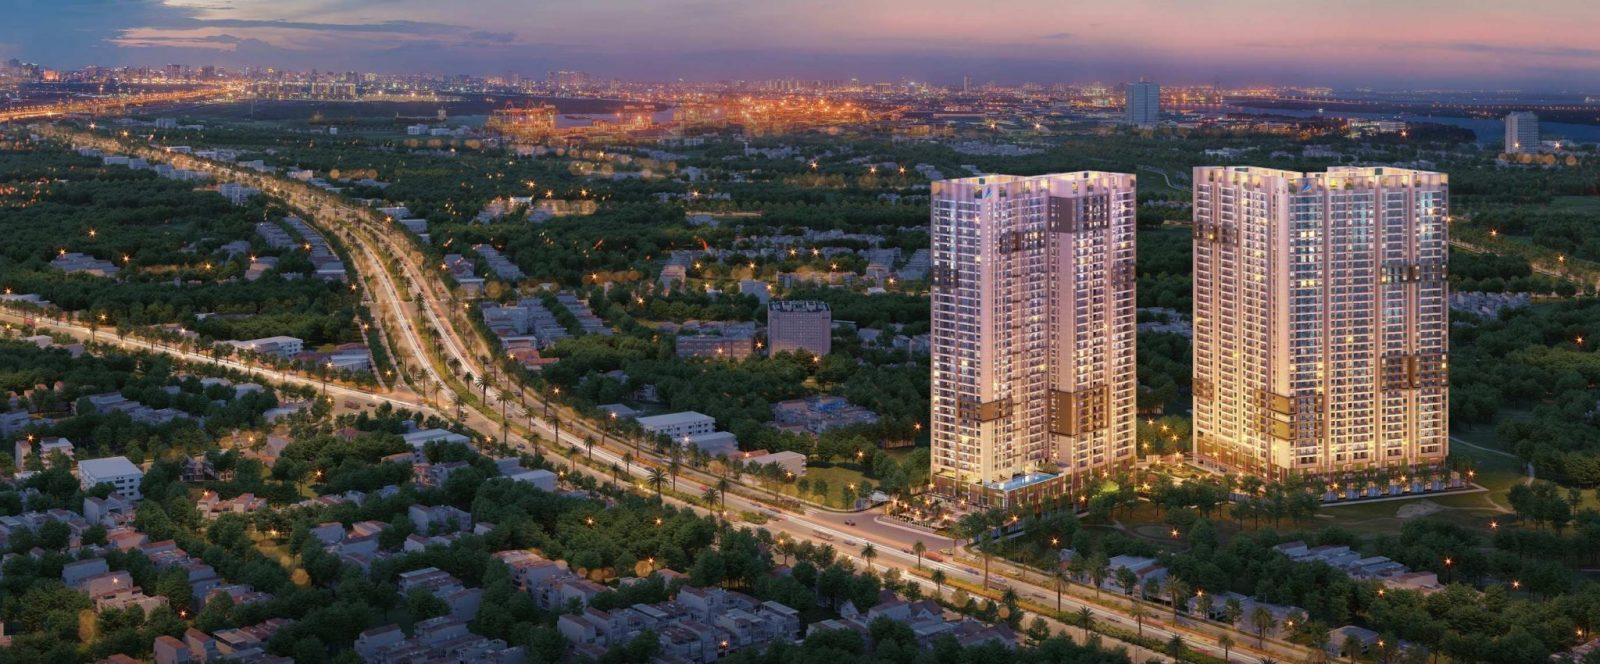 Opal Boulevard Phạm Văn Đồng - Phối cảnh dự án căn hộ cao cấp